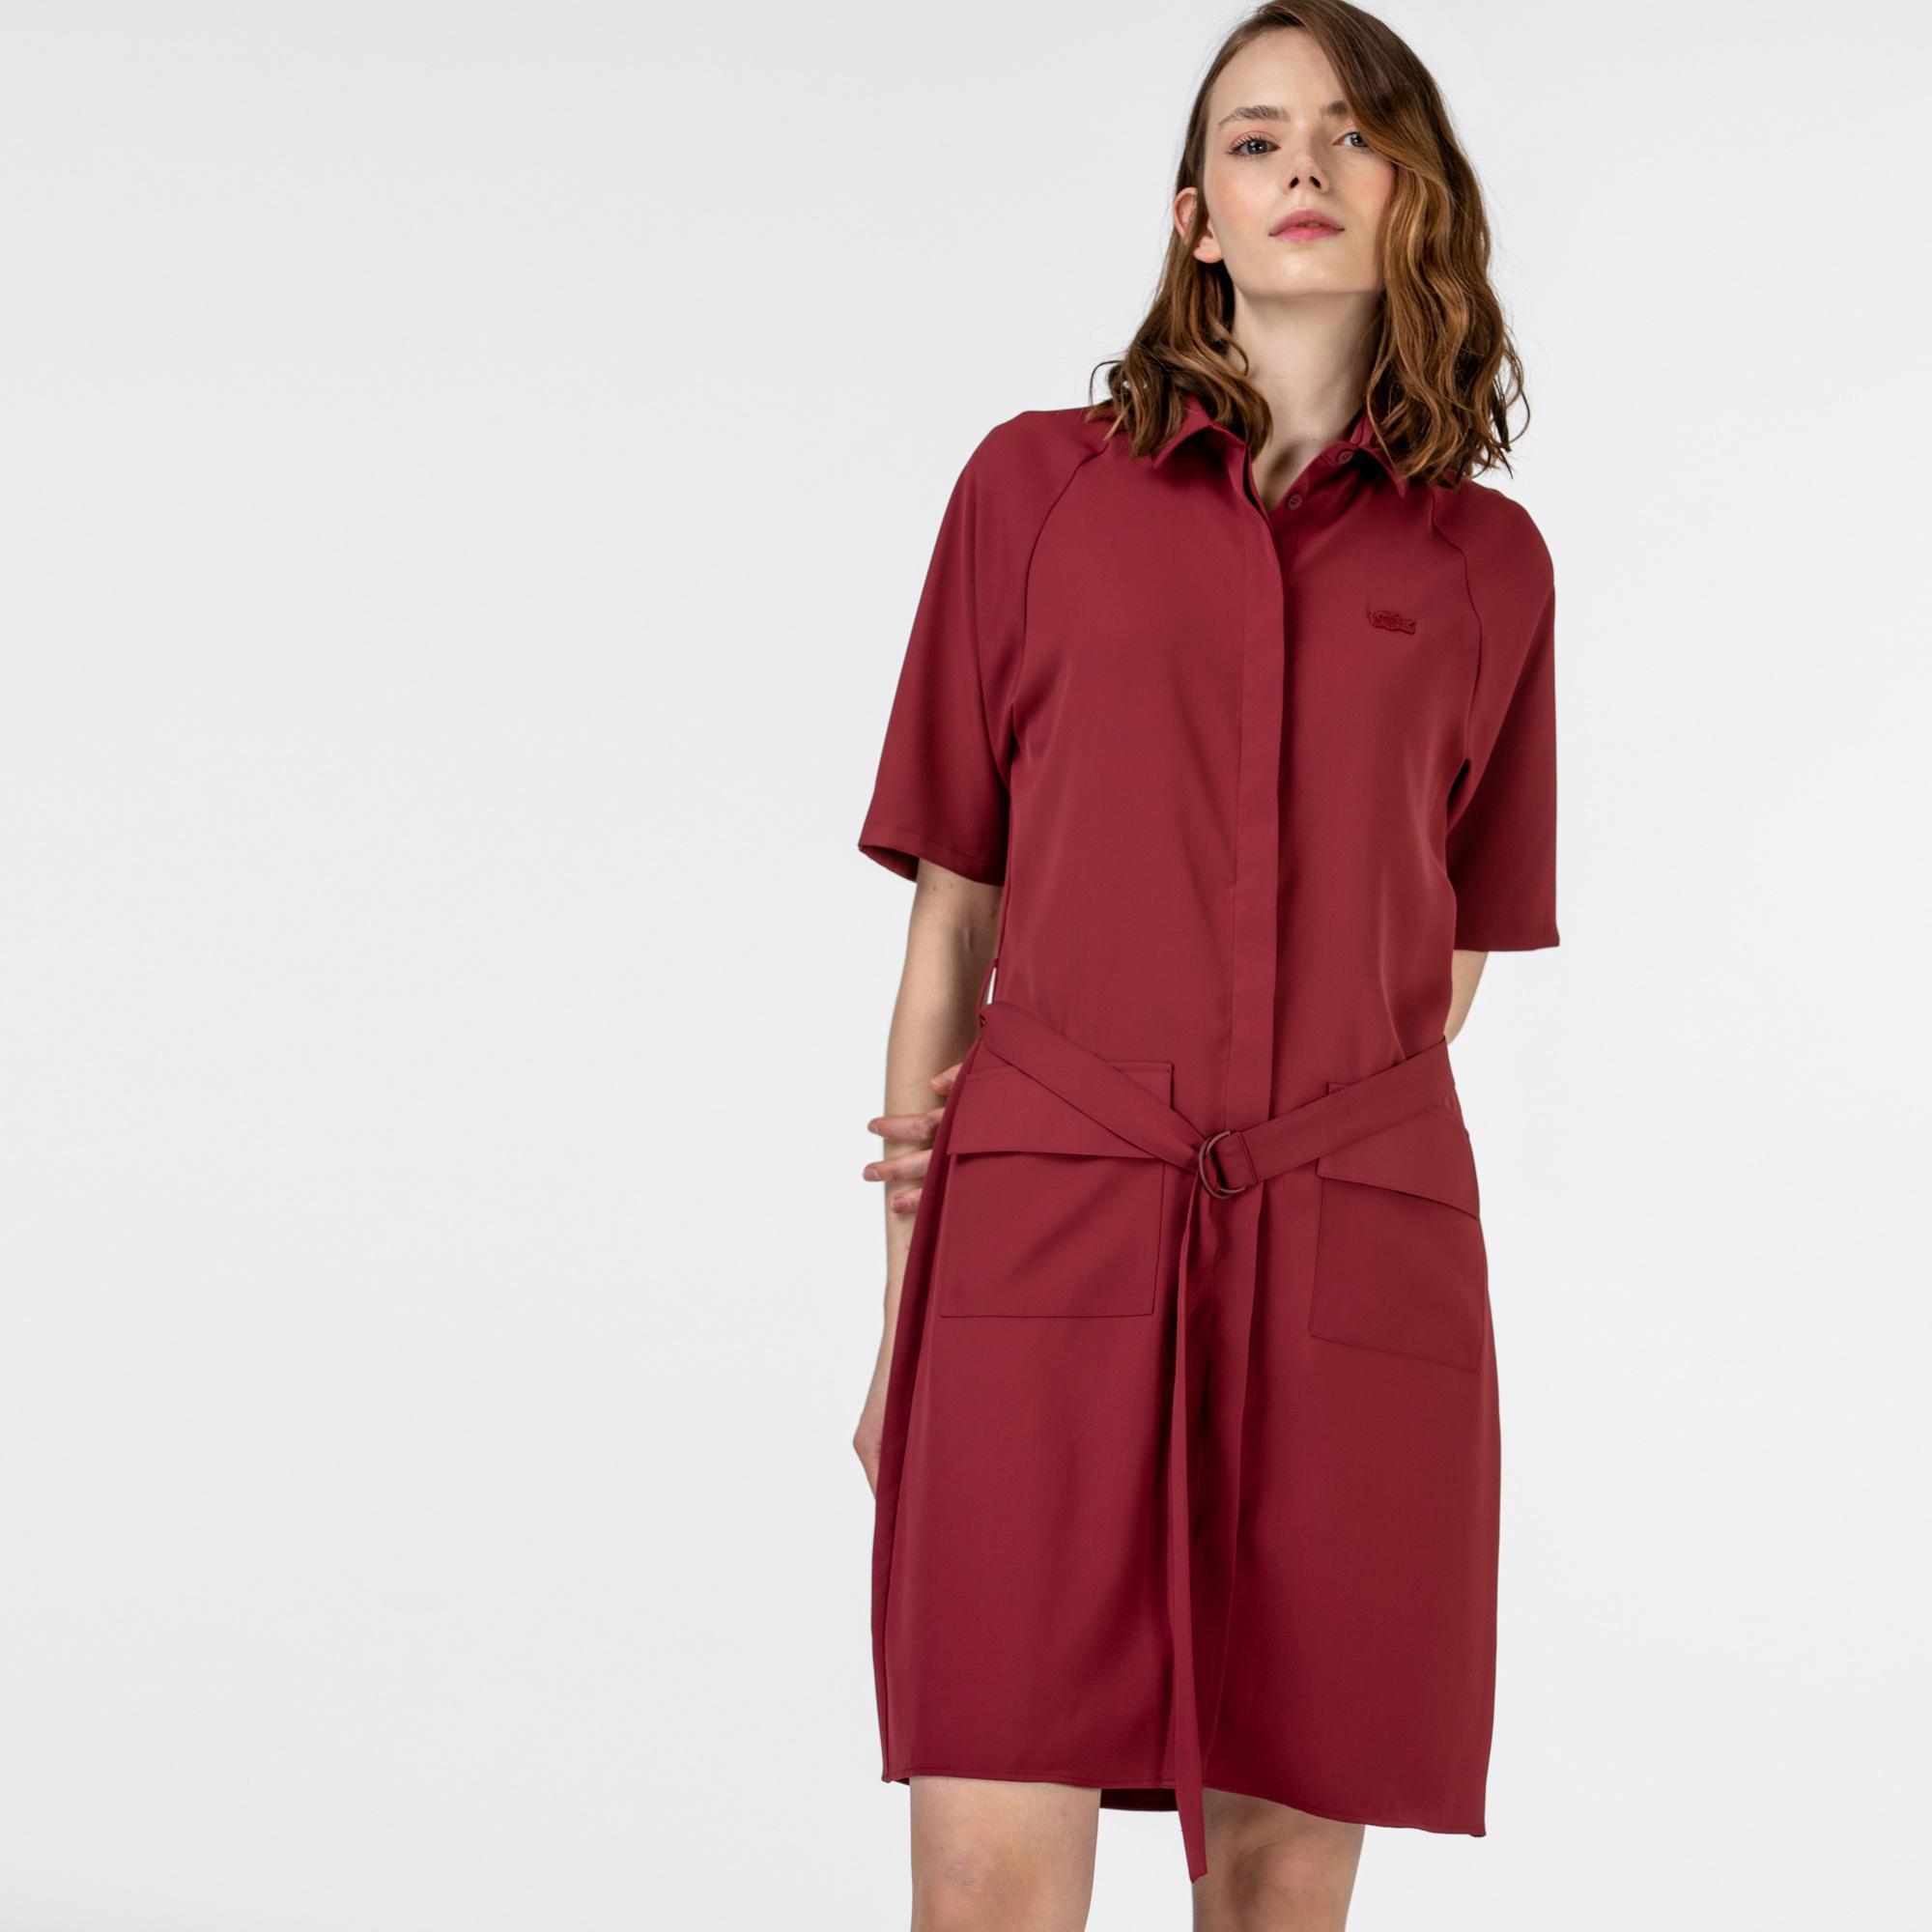 Lacoste Kadın Kısa Kollu Polo Yaka Bordo Elbise